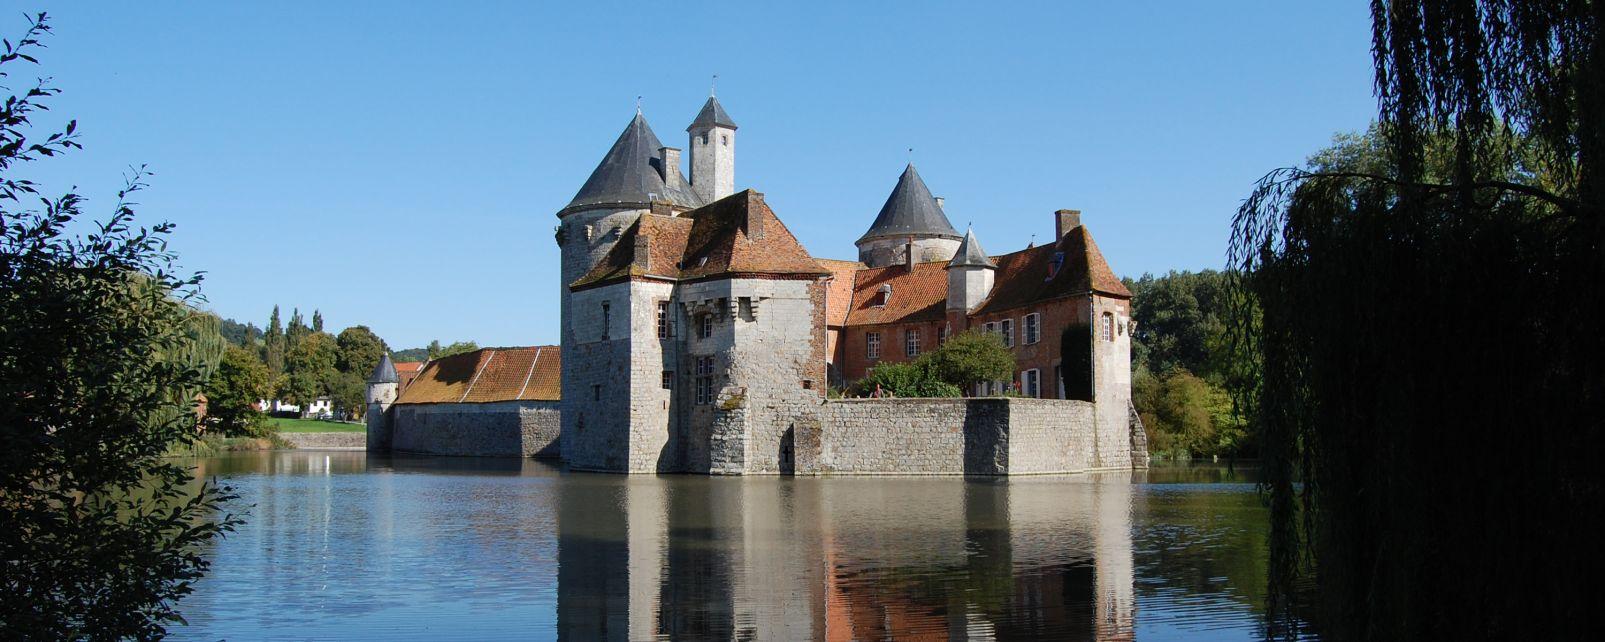 , El castillo de Olhain, Los monumentos, Norte-Pas-de-Calais